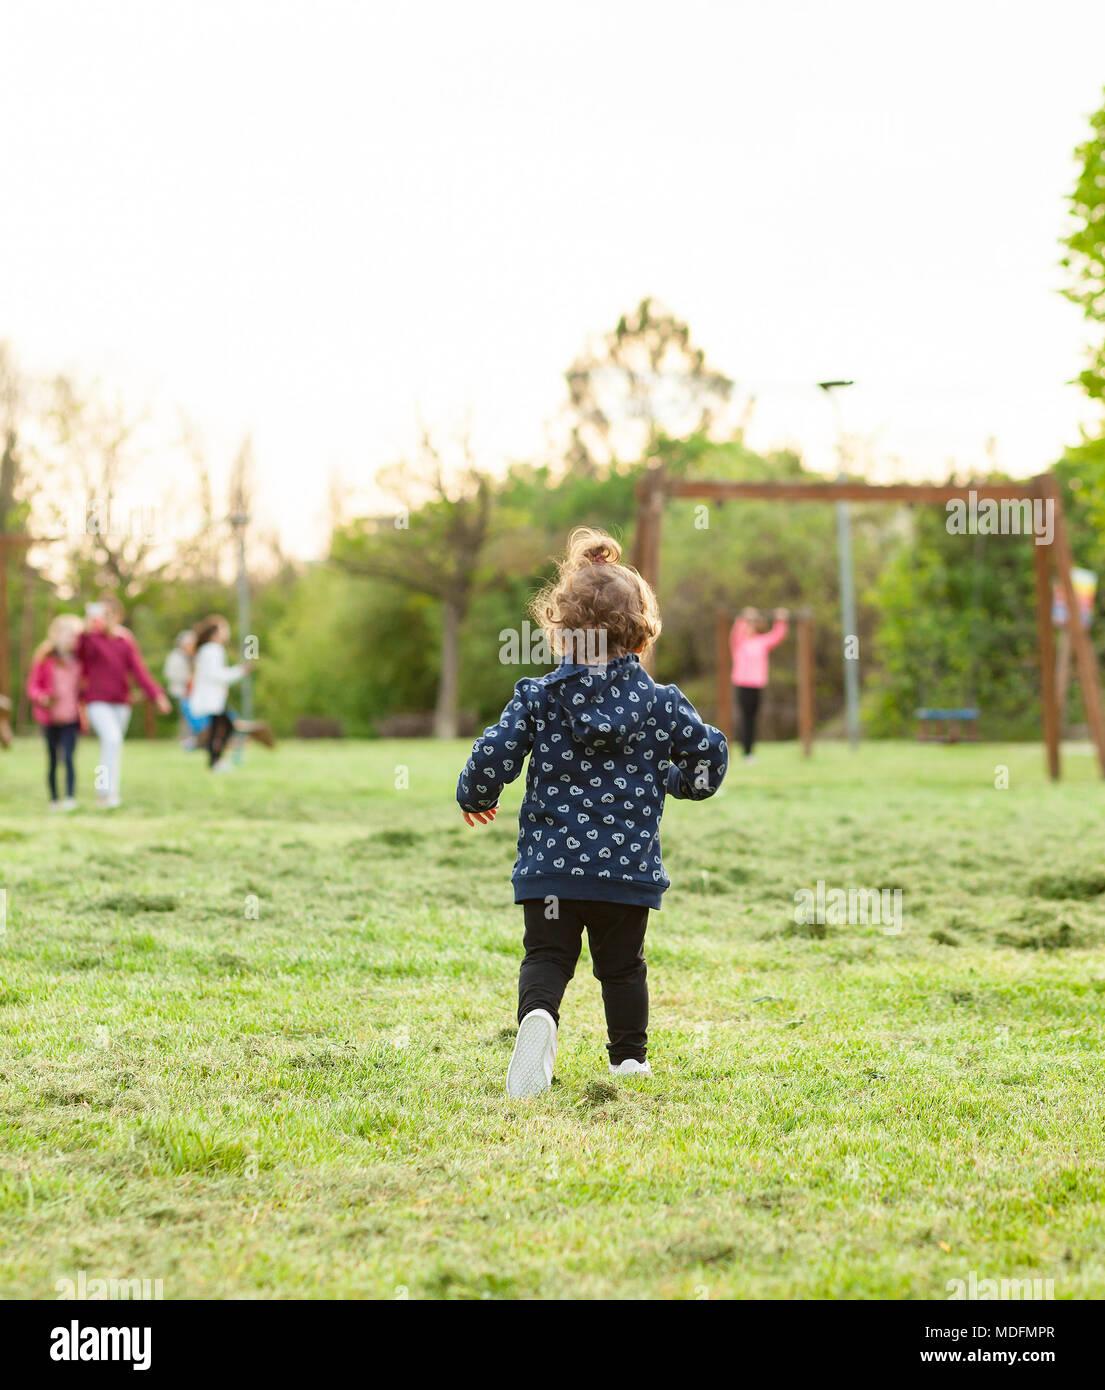 Bambina corre da dietro al parco a giocare con gli altri bambini. Immagini Stock